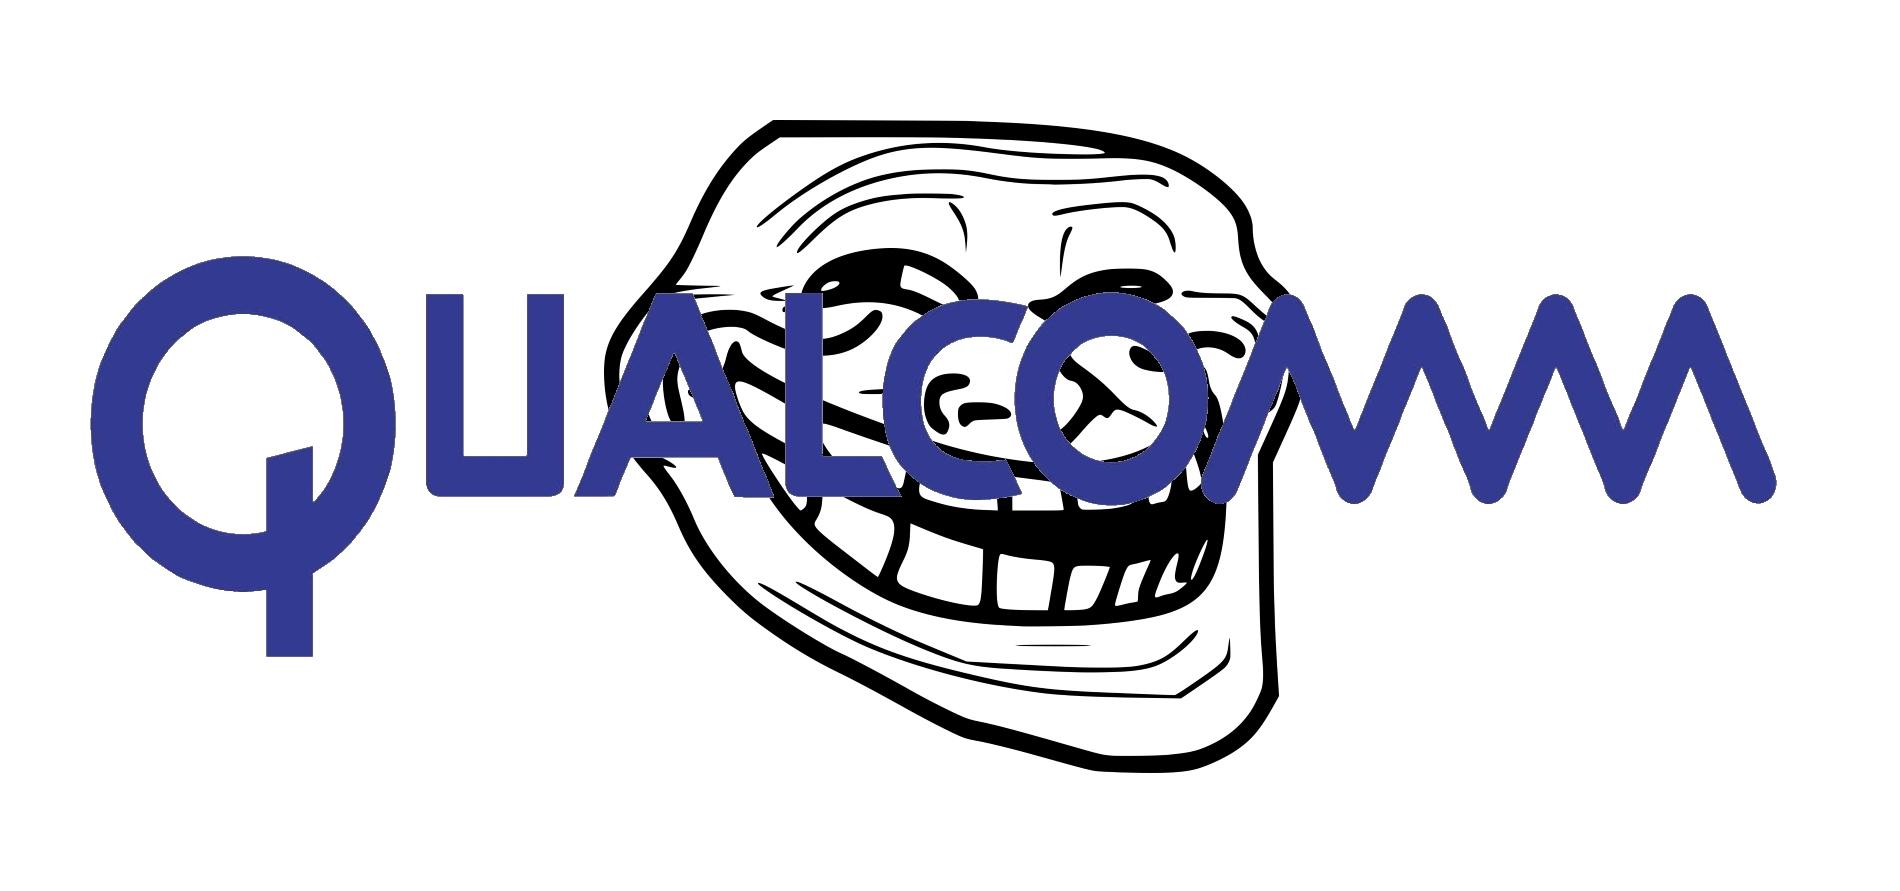 Apple iPhone X : Qualcomm relance la guerre des trolls en vantant les mérites d'Android